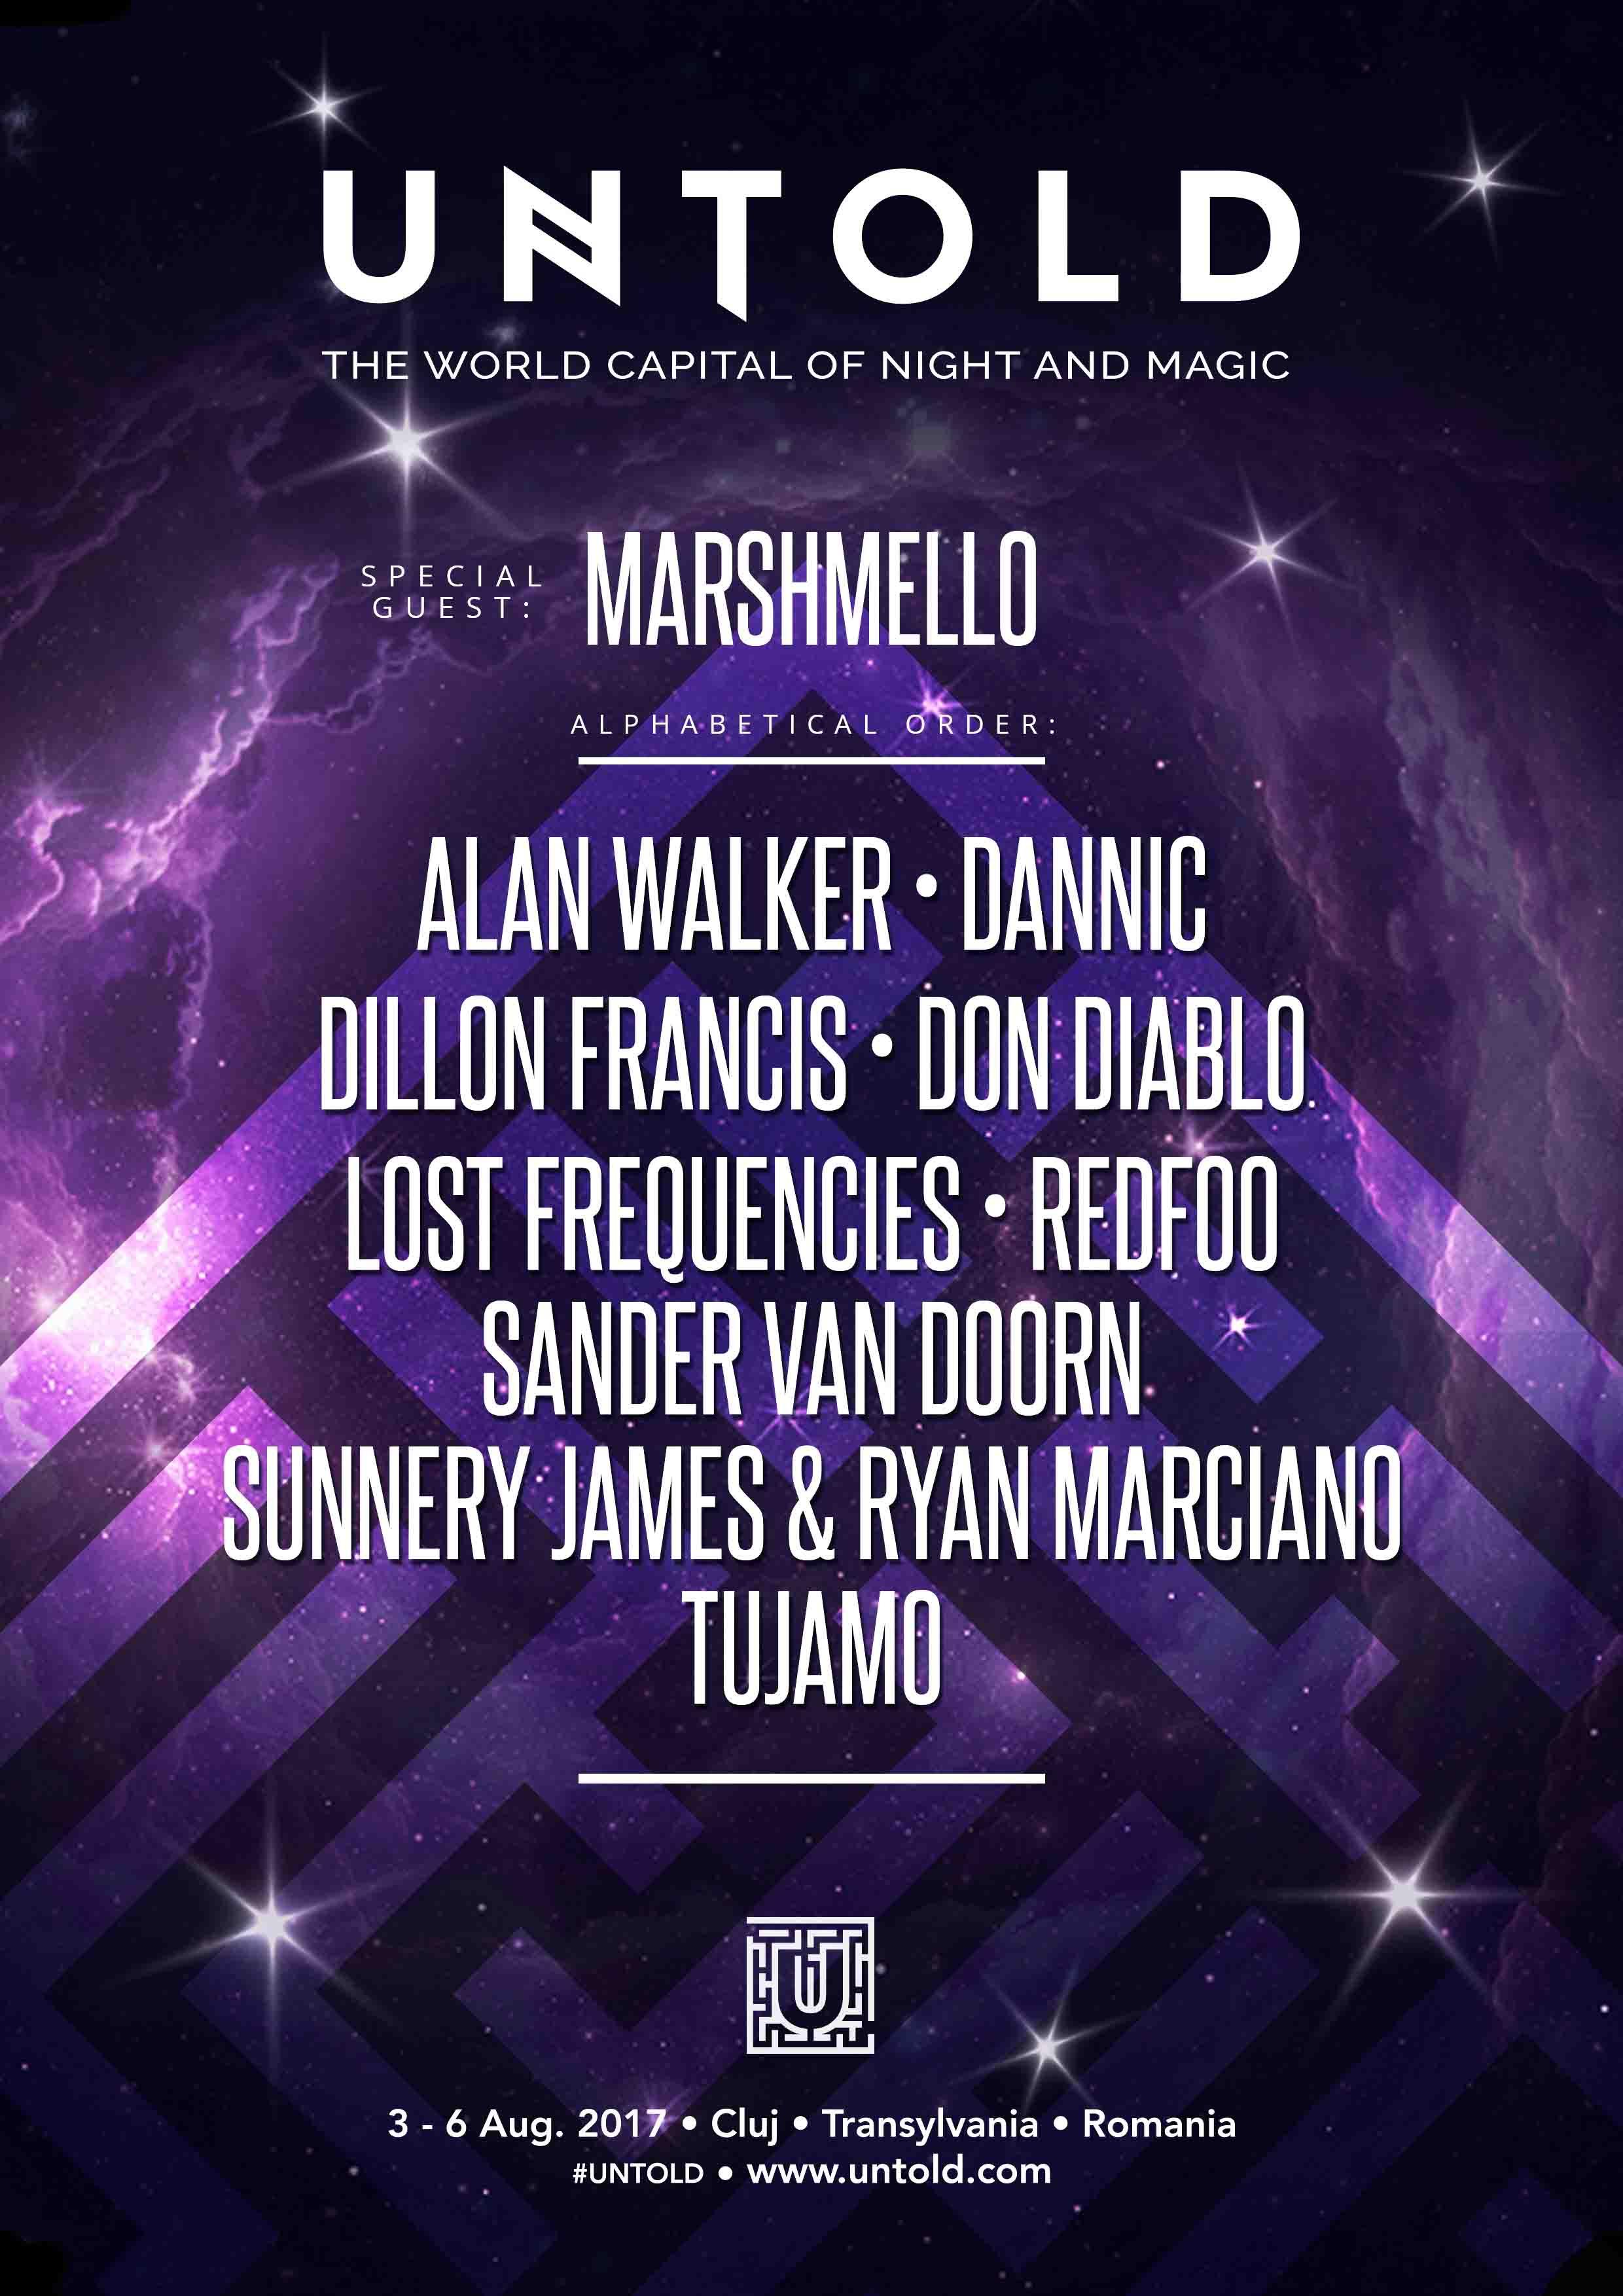 Alti 10 giganti ai muzicii electro-dance vor urca pe UNTOLD ARENA in perioada 3-6 august 2017